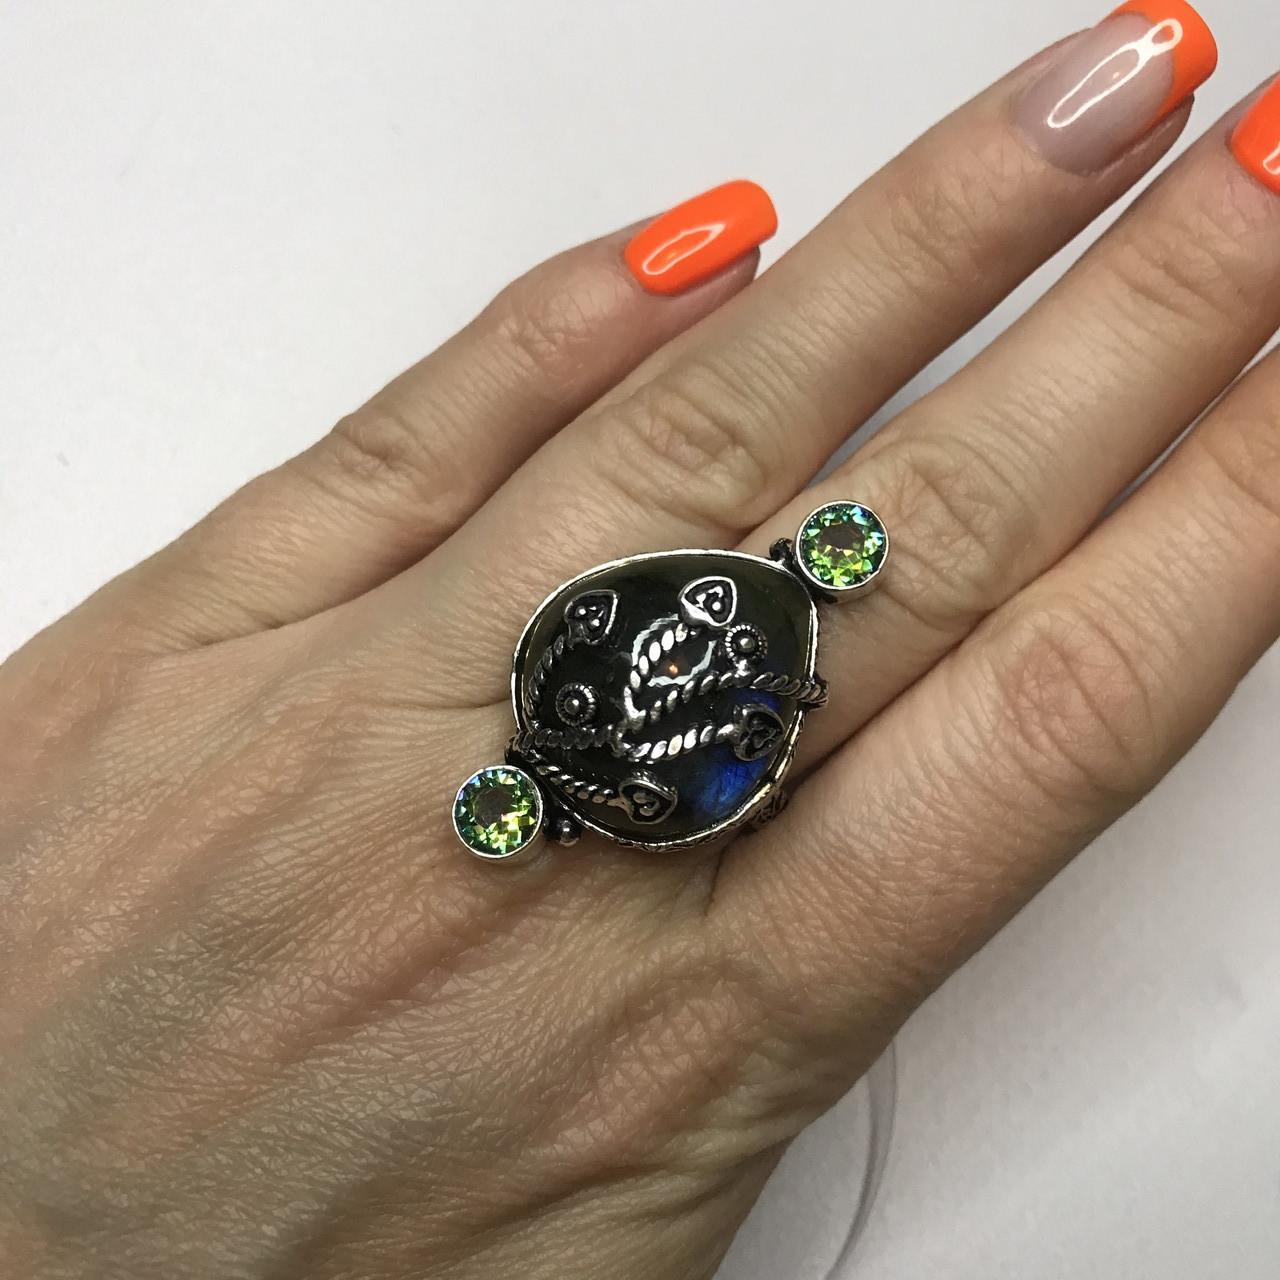 Лабрадор мистик топа18,5 р кольцо с натуральным лабрадором в серебре кольцо с лабрадором кольцо лабрадор Индия